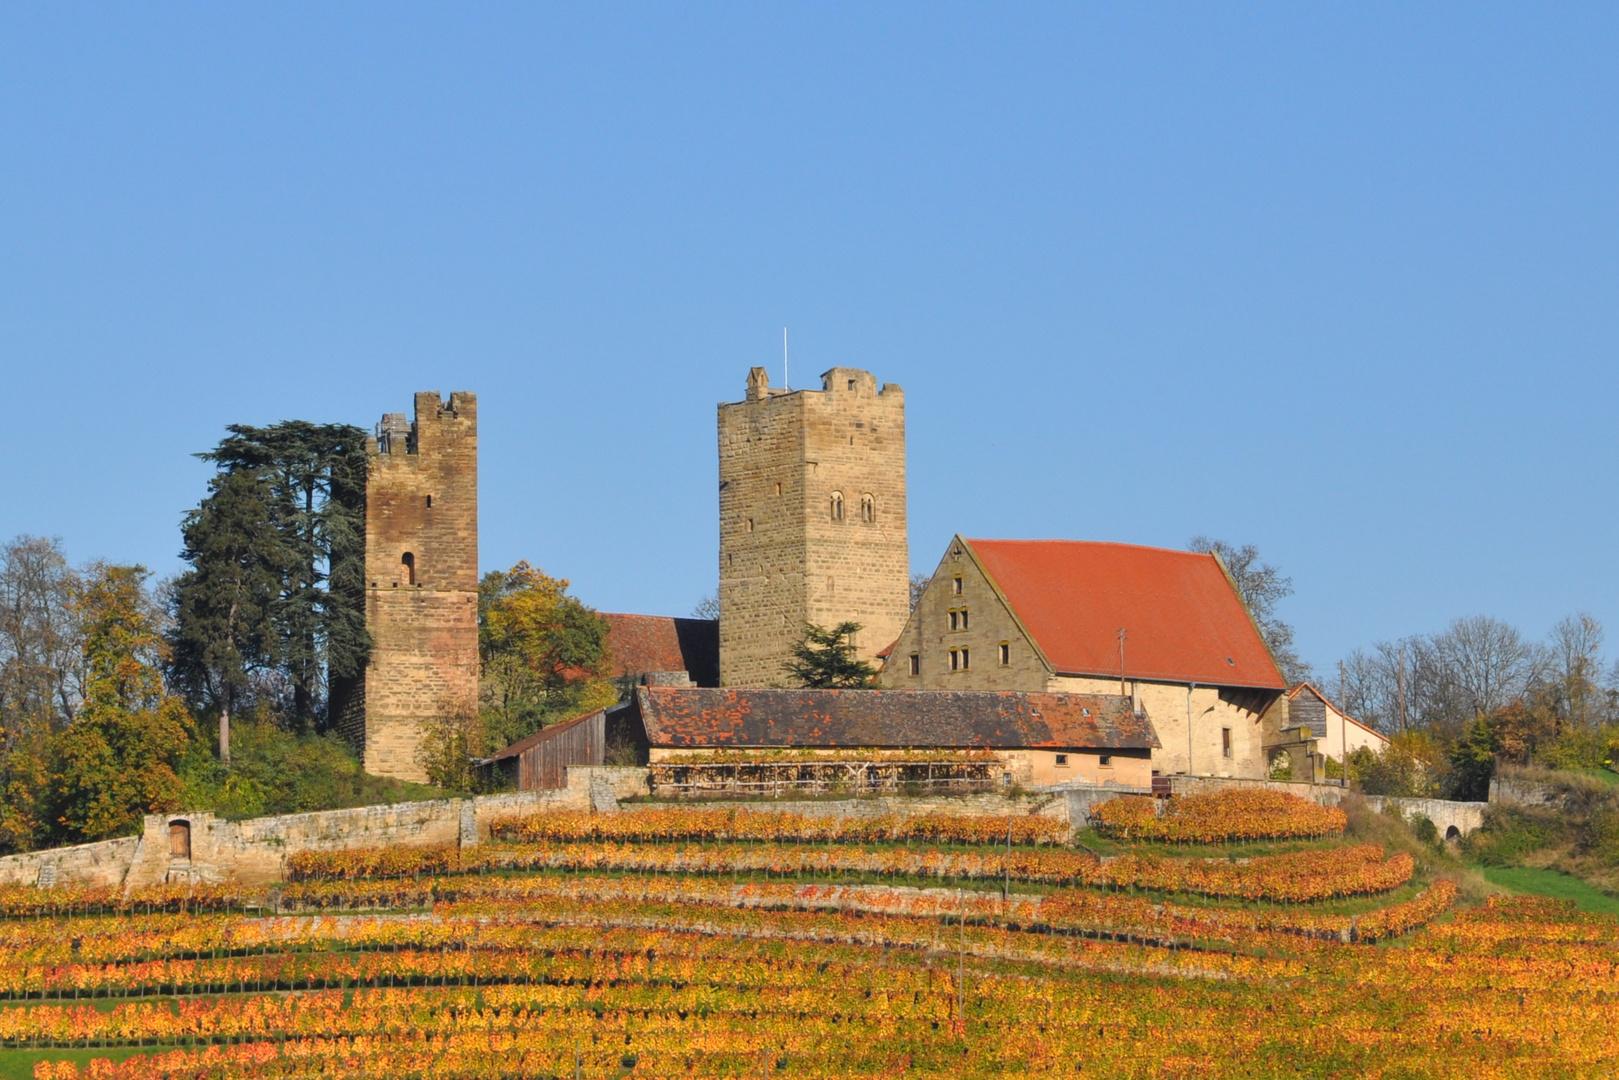 Schloss Neipperg